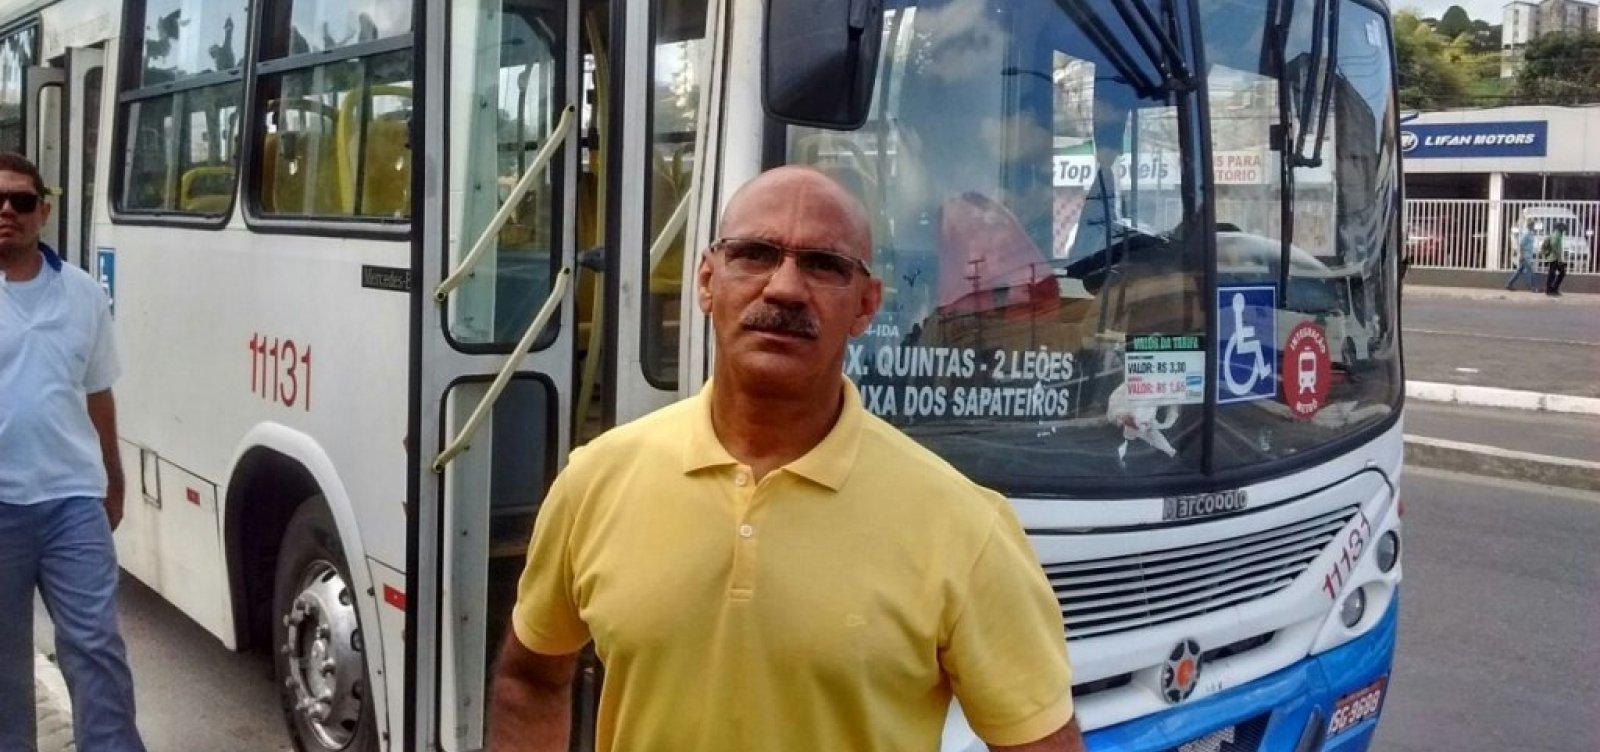 Rodoviários querem audiência para discutir transporte coletivo na capital